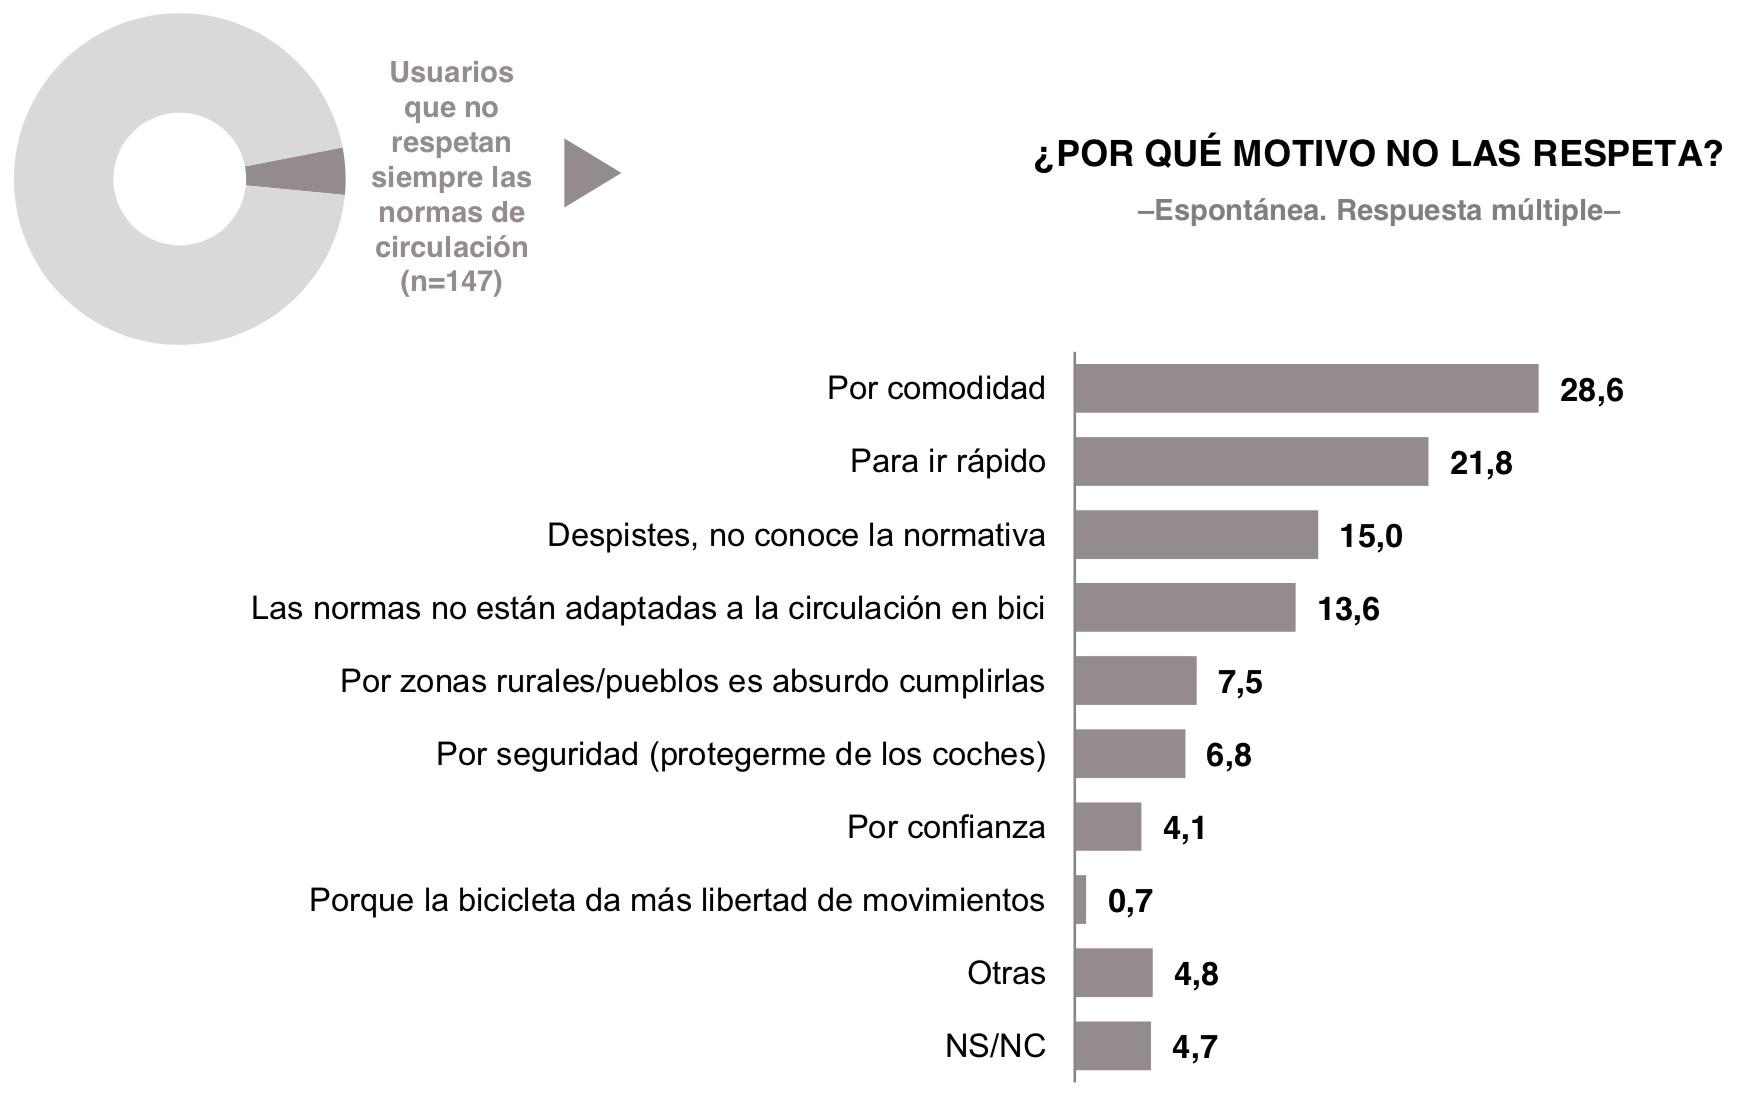 Estadística de motivos para no respetar las normas. La mayoría no lo hacen por comodidad. 28%